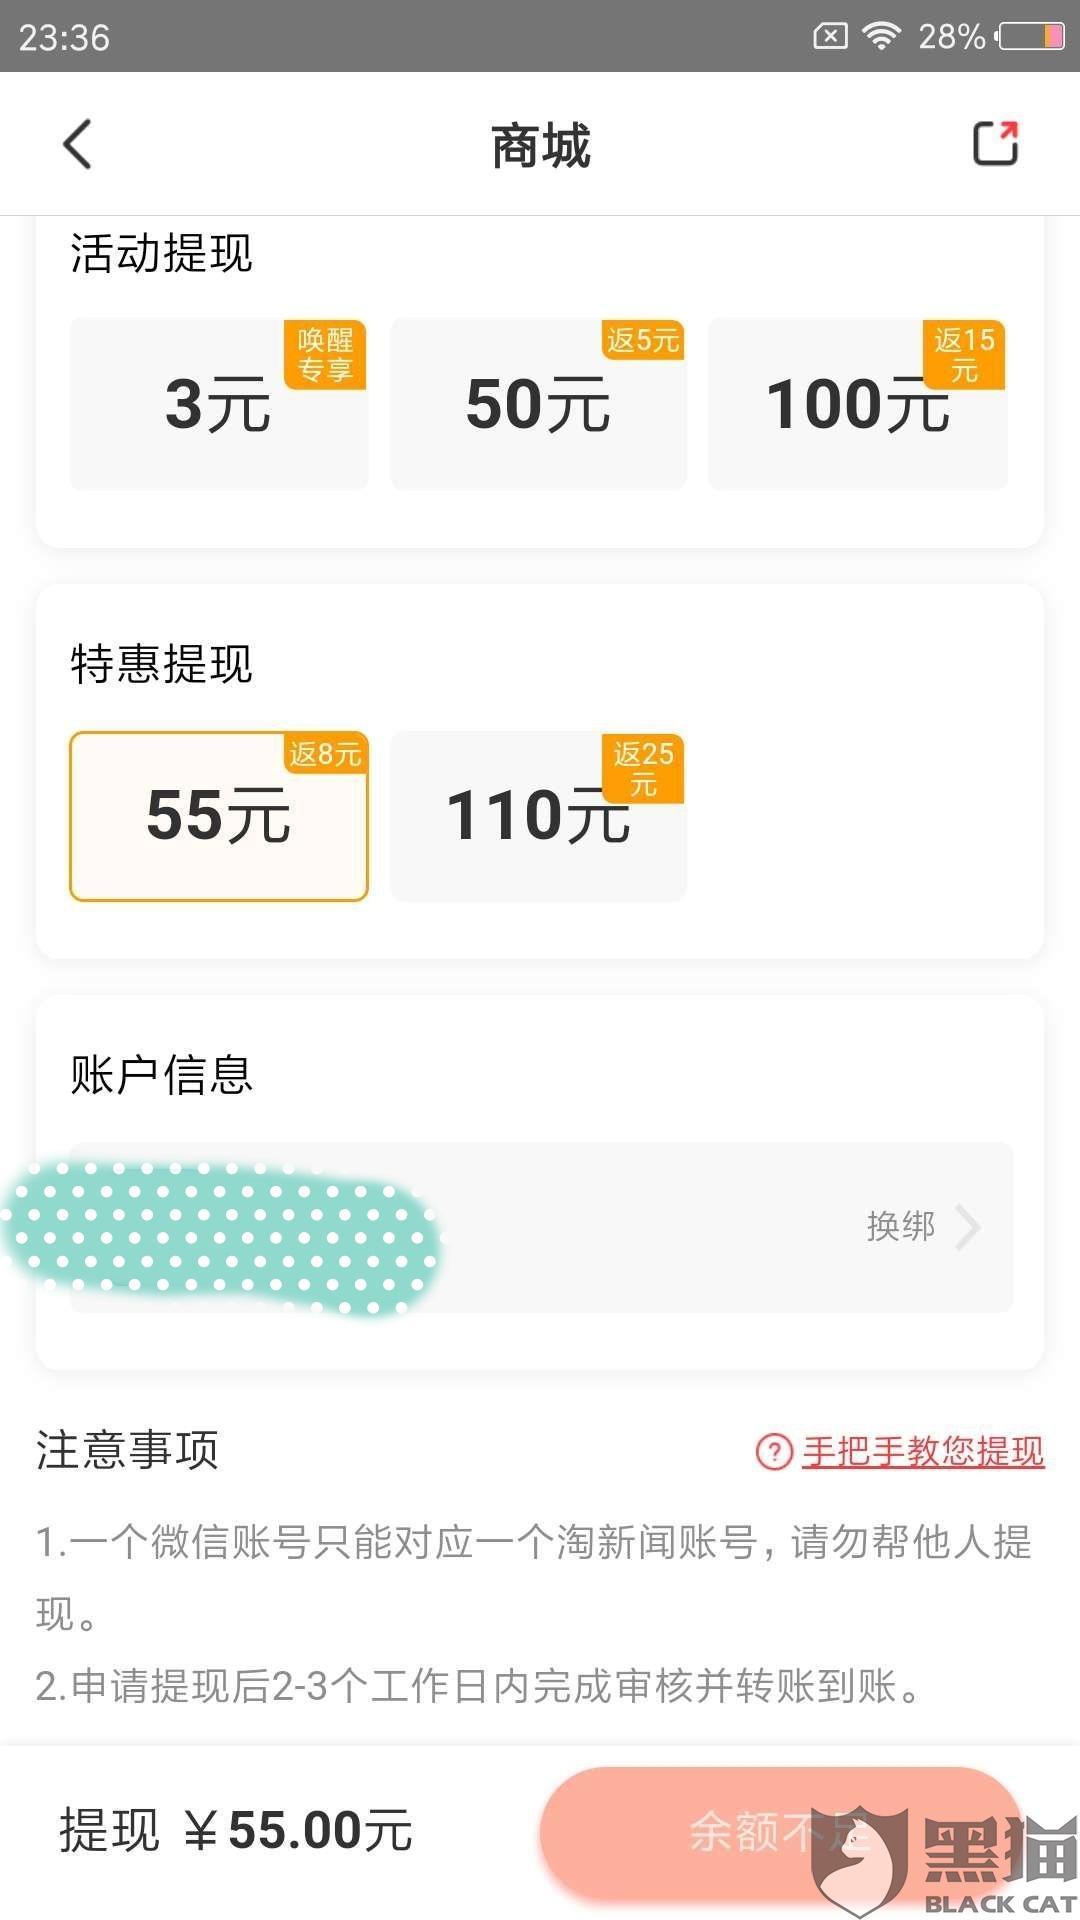 黑猫投诉:淘新闻APP欺骗用户,虚假宣传看新闻提现